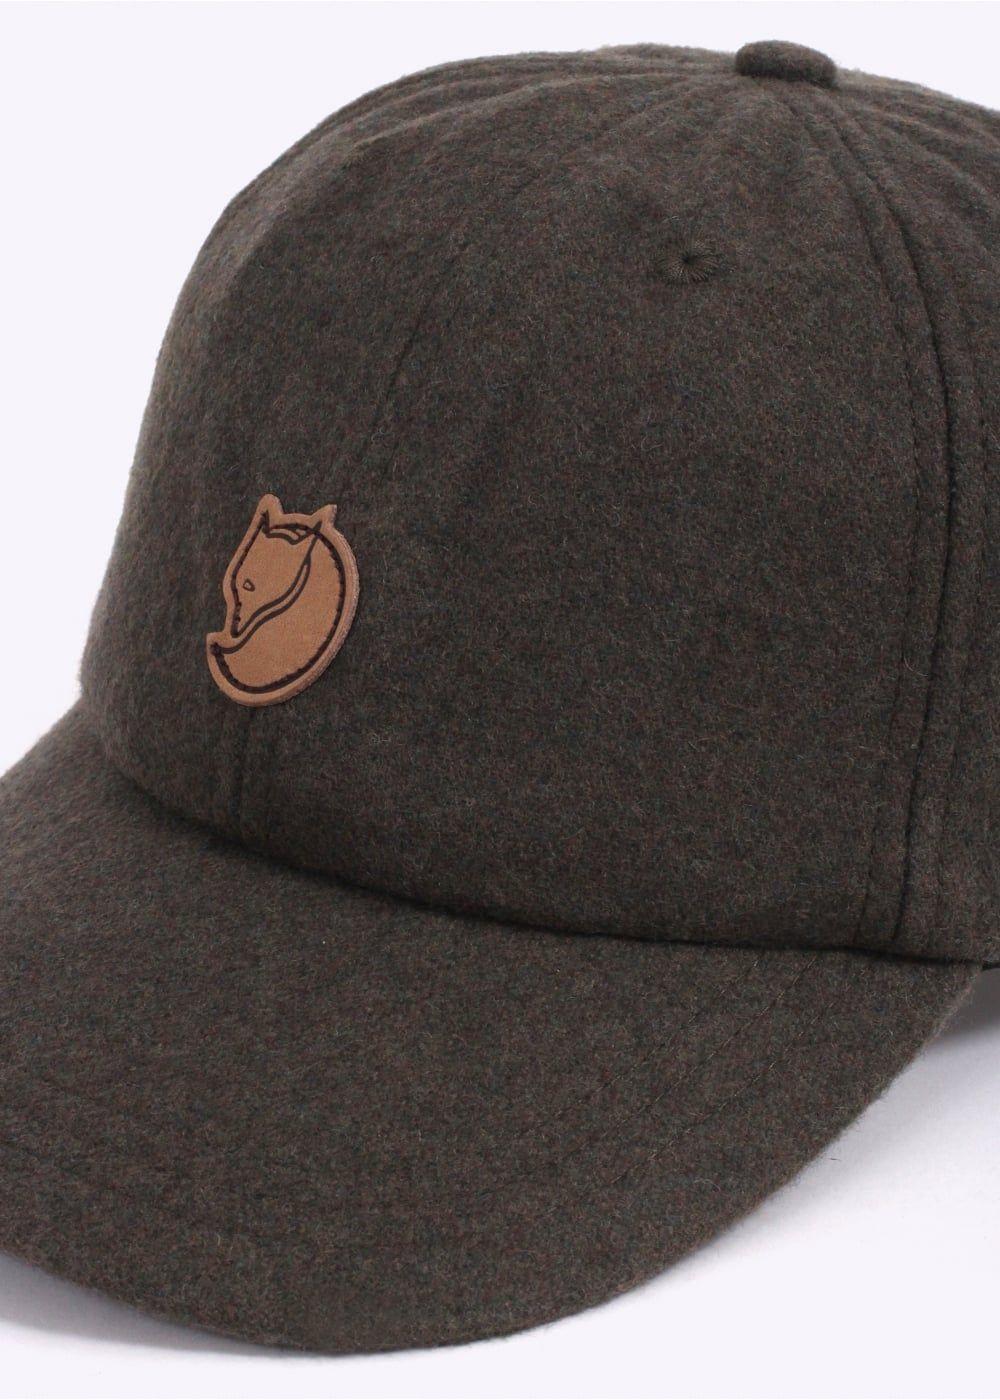 c1aefb40022fd Fjallraven Ovik Wool Cap - Dark Olive